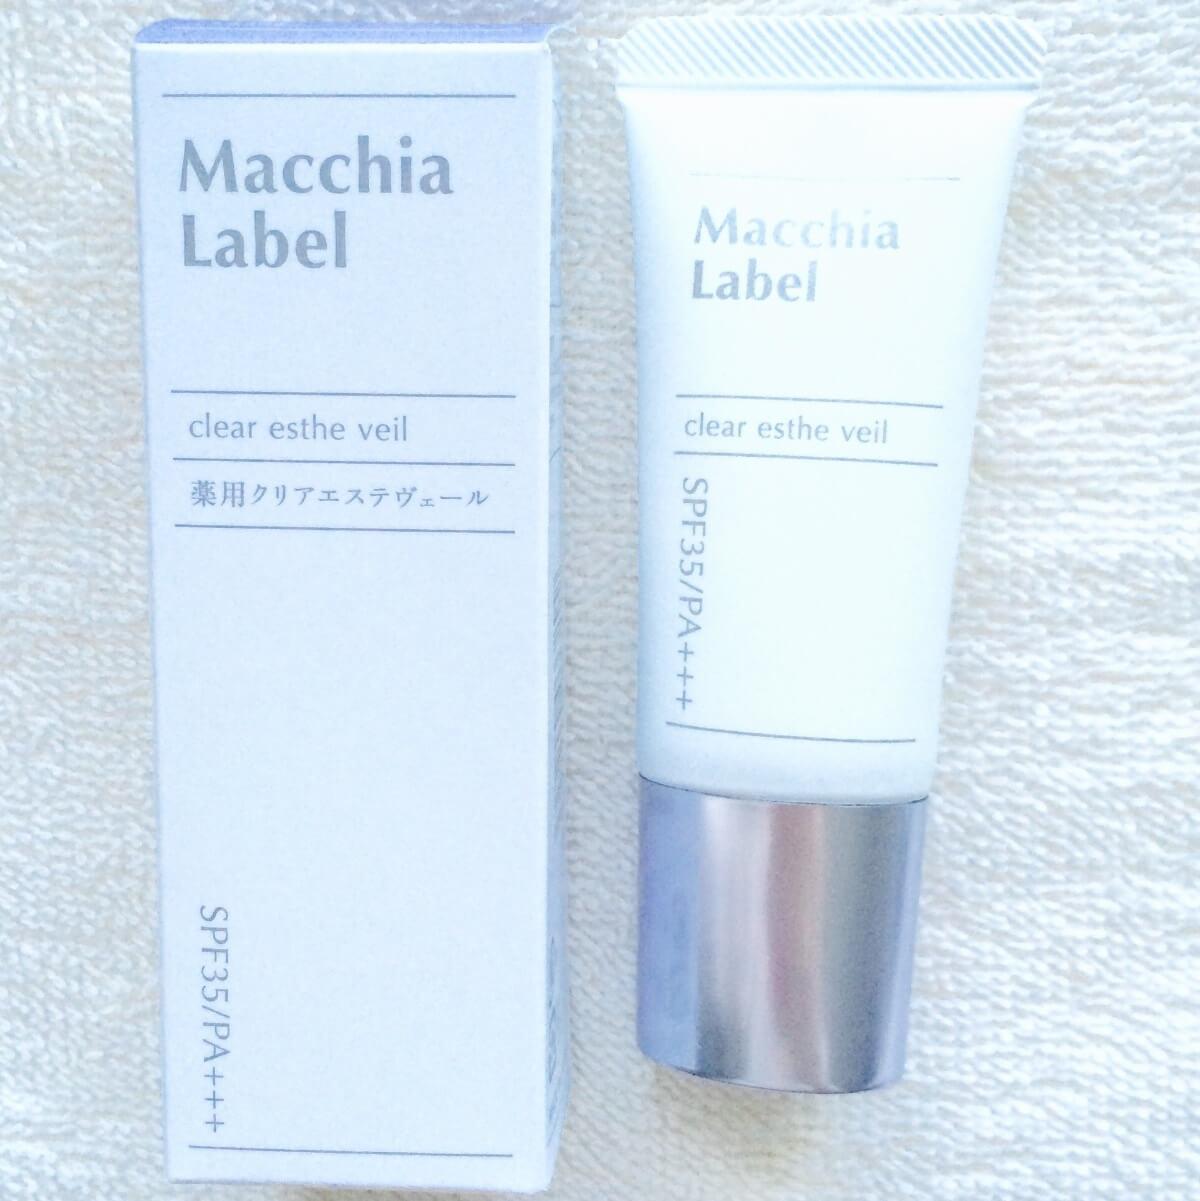 Macchia Ladel(マキアレイベル)<br>薬用クリアエステヴェール<br>美容液ファンデーション SPF35 PA+++の画像